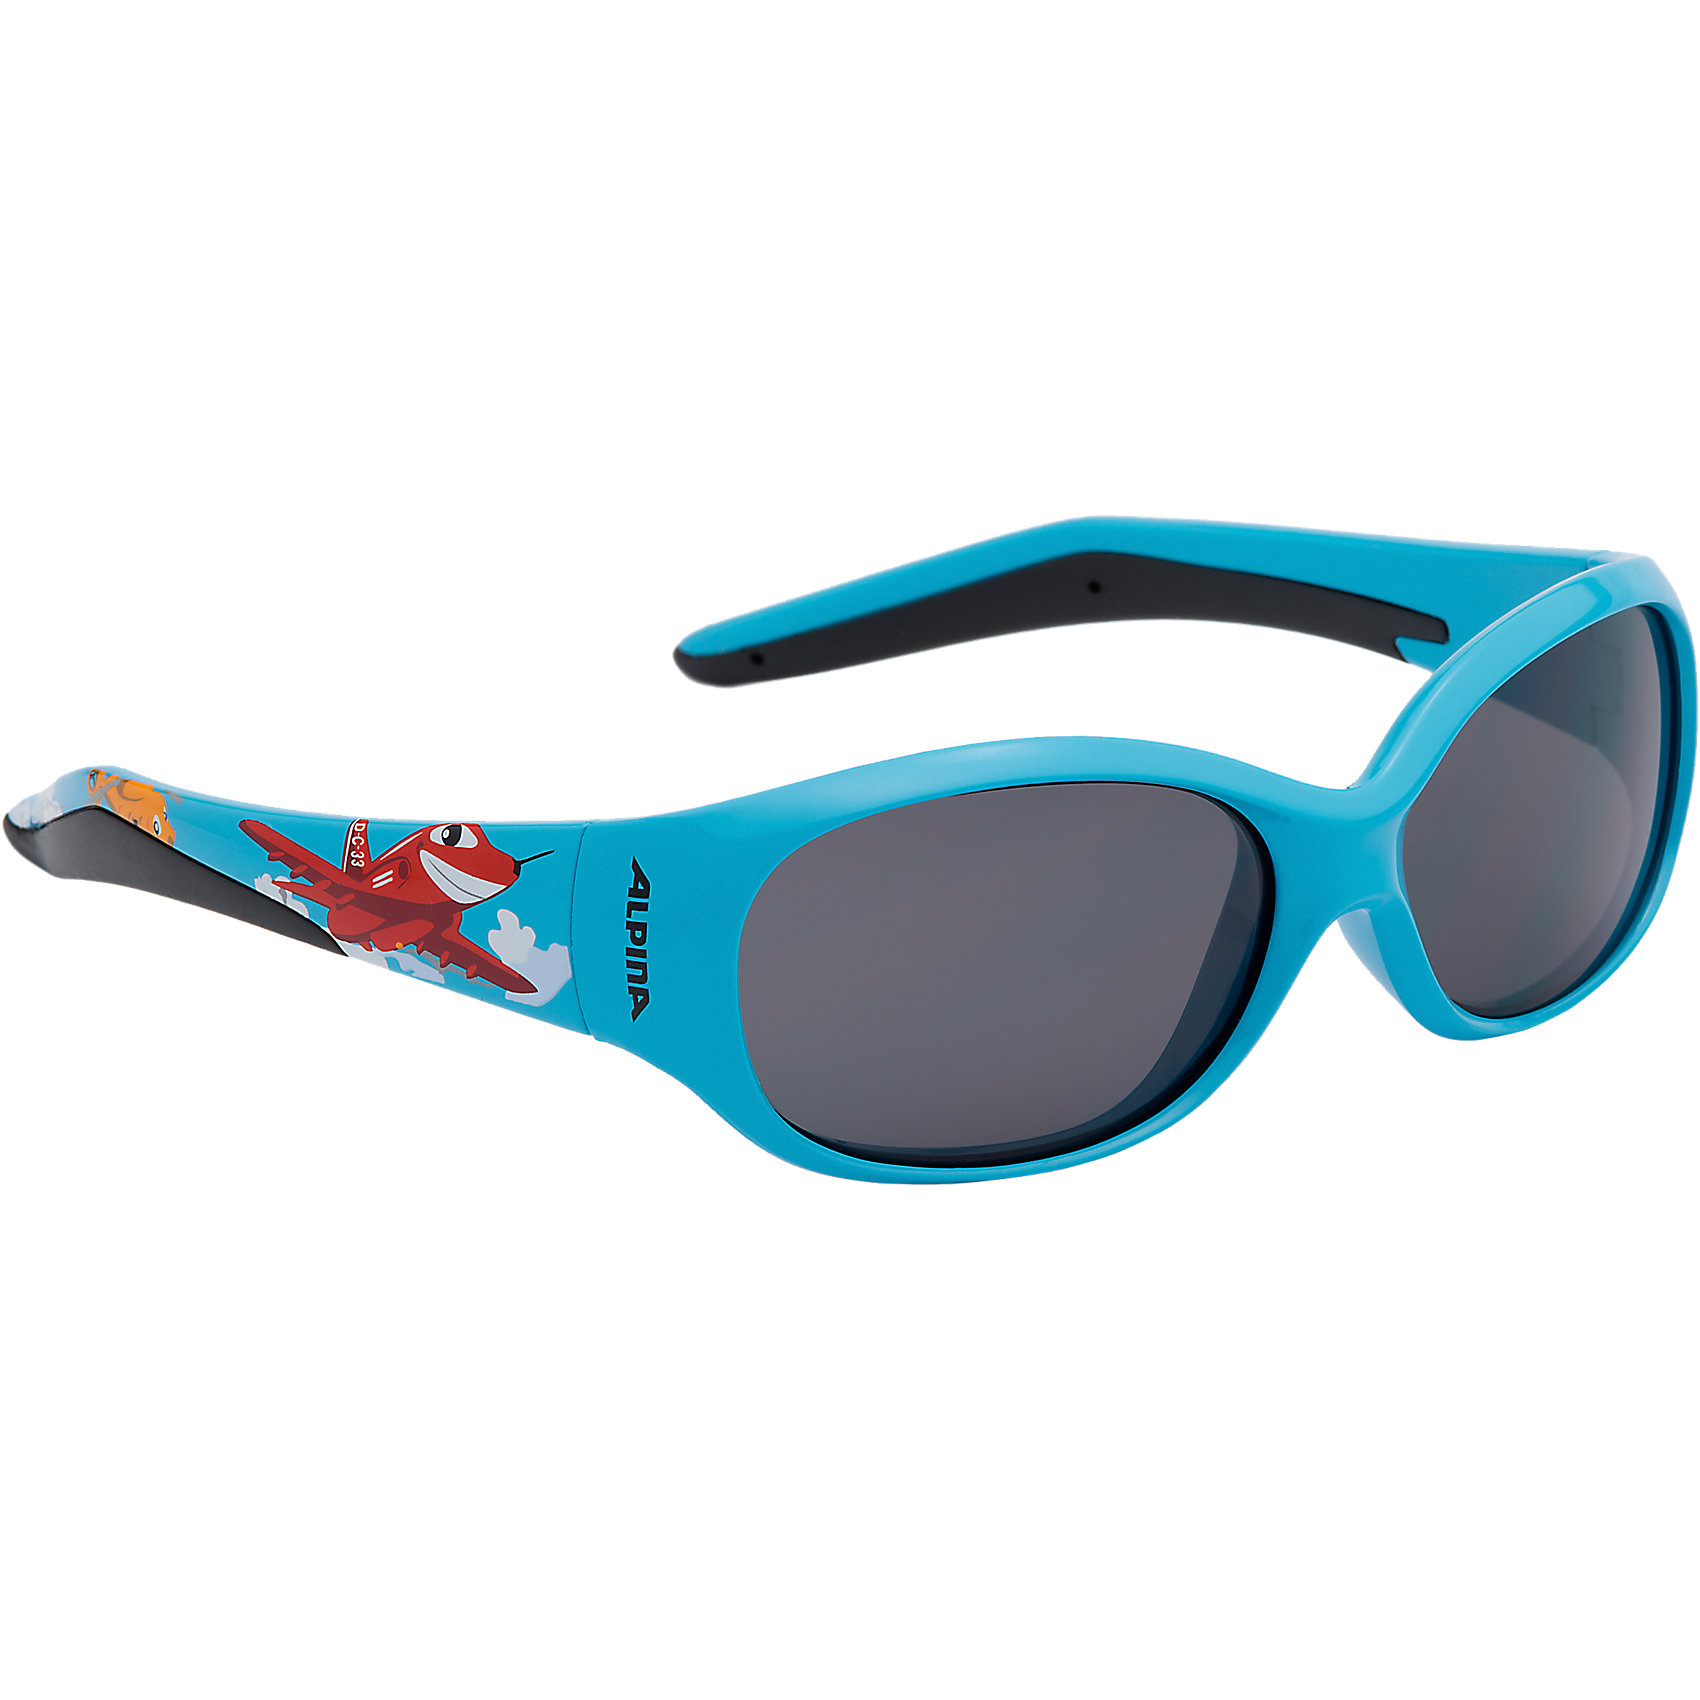 Очки солнцезащитные FLEXXY KIDS, ALPINAСолнцезащитные очки<br><br><br>Ширина мм: 127<br>Глубина мм: 78<br>Высота мм: 40<br>Вес г: 37<br>Цвет: синий<br>Возраст от месяцев: 48<br>Возраст до месяцев: 1164<br>Пол: Мужской<br>Возраст: Детский<br>SKU: 4467479